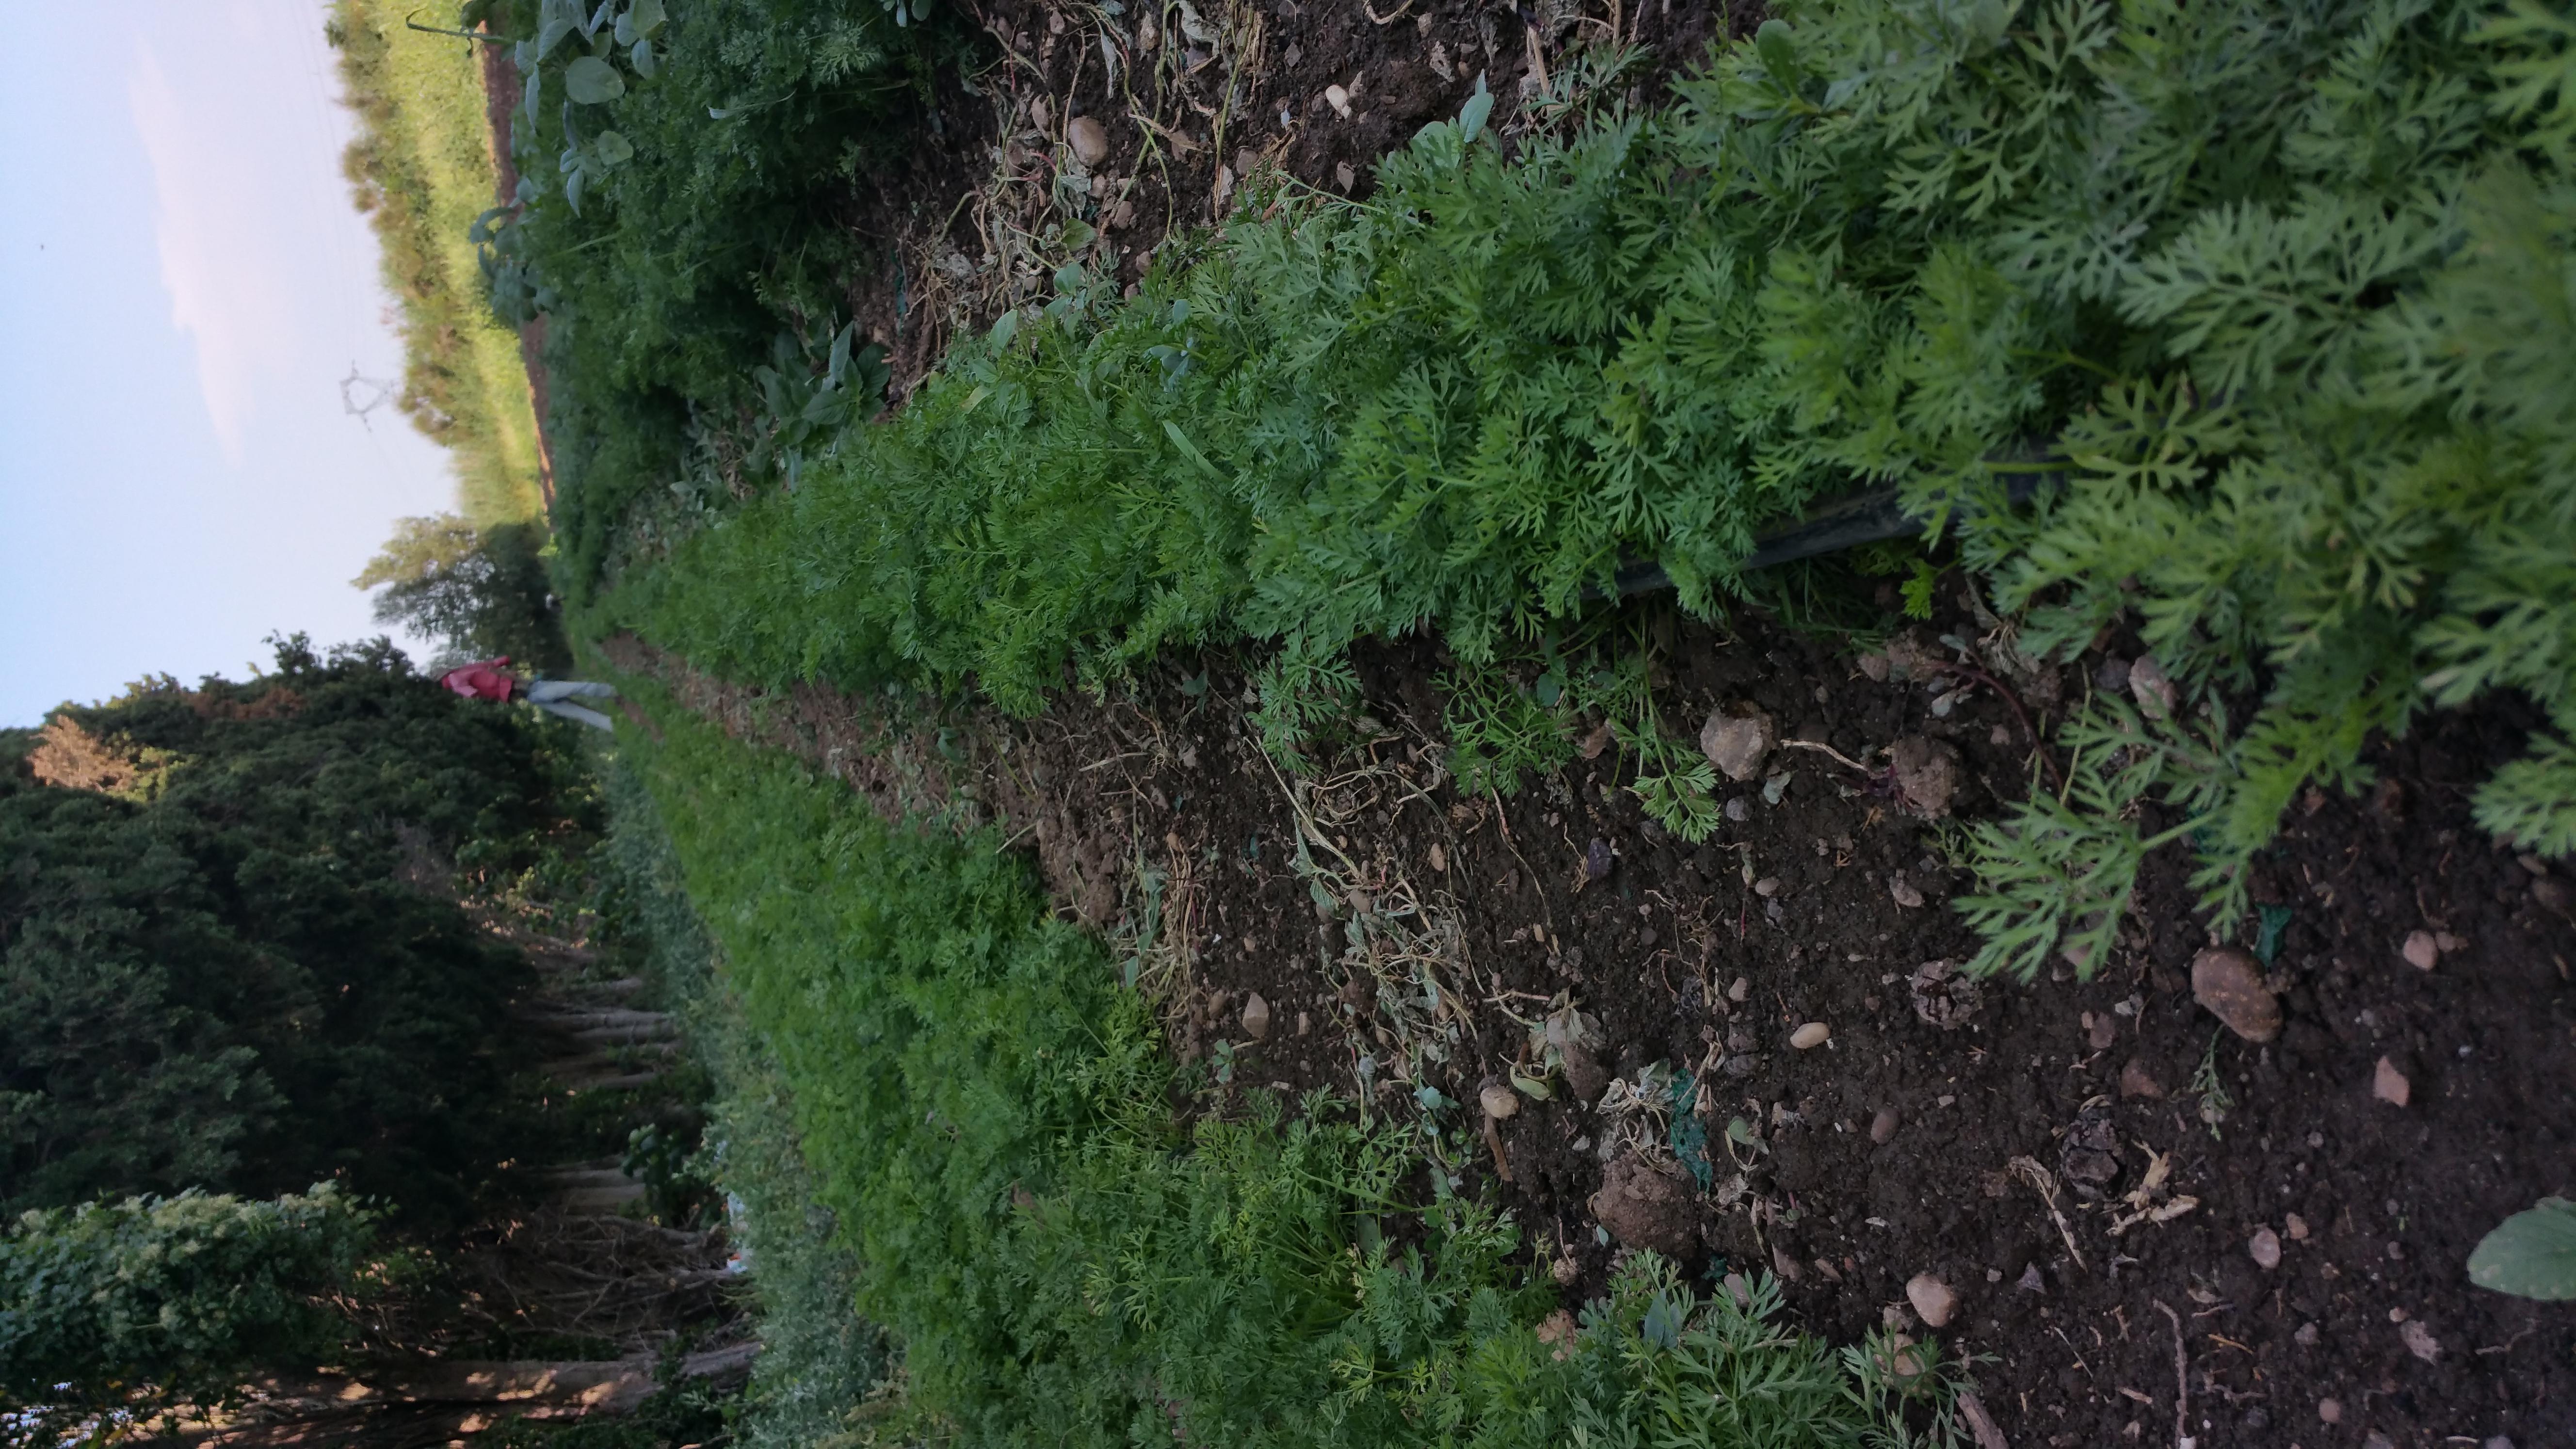 Haricot ma saison l gumes - Choux de bruxelles plantation ...